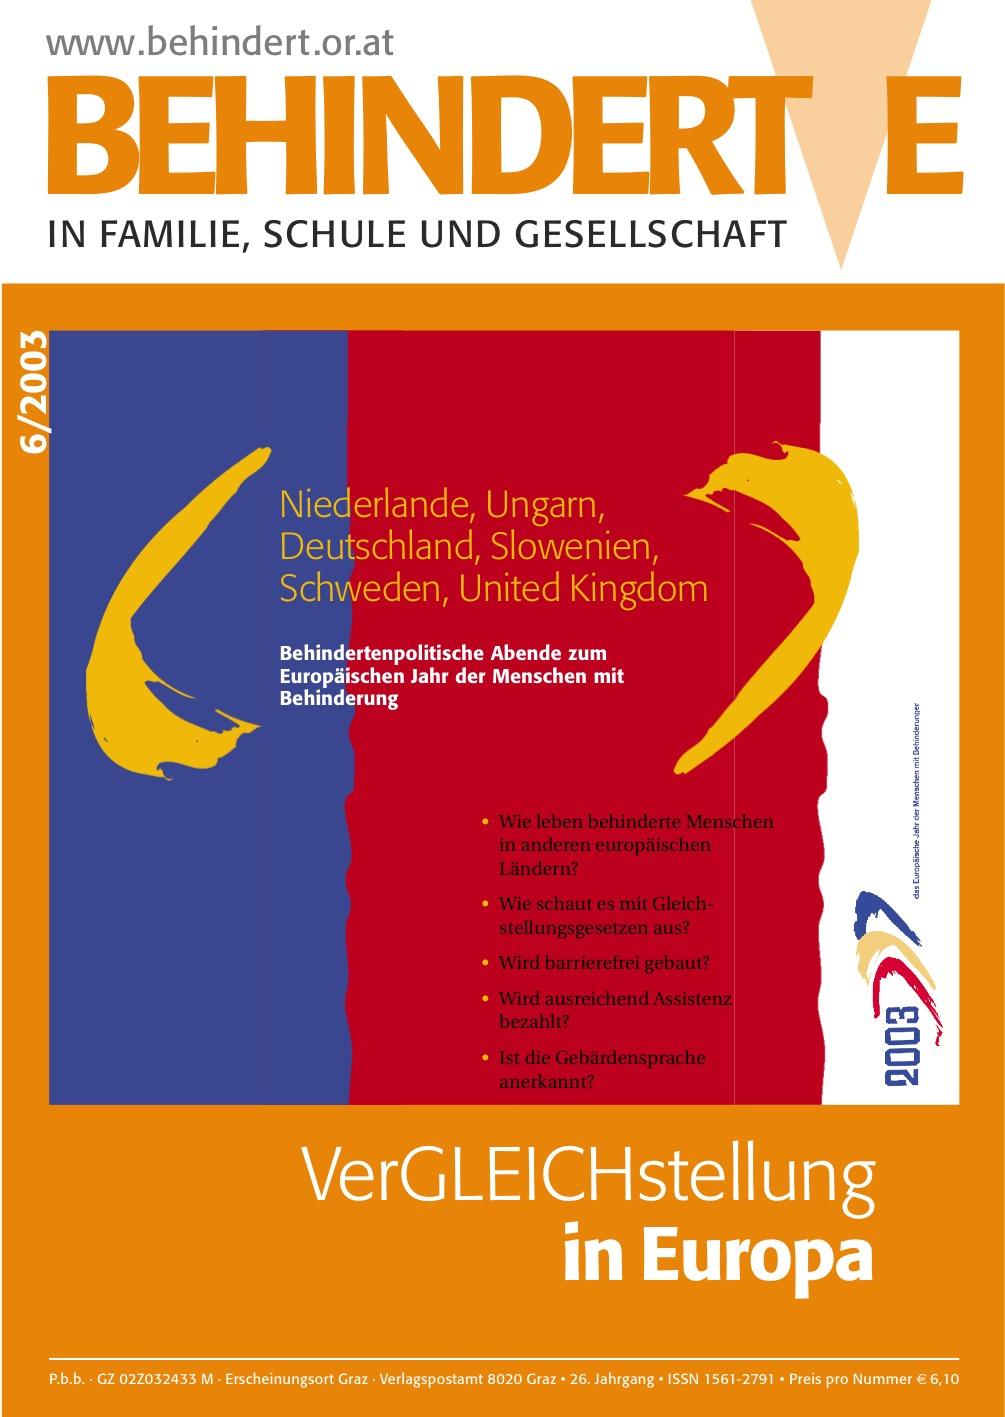 """Titelbild der Zeitschrift BEHINDERTE MENSCHEN, Ausgabe 6/2003 """"VerGLEICHstellung in Europa"""""""